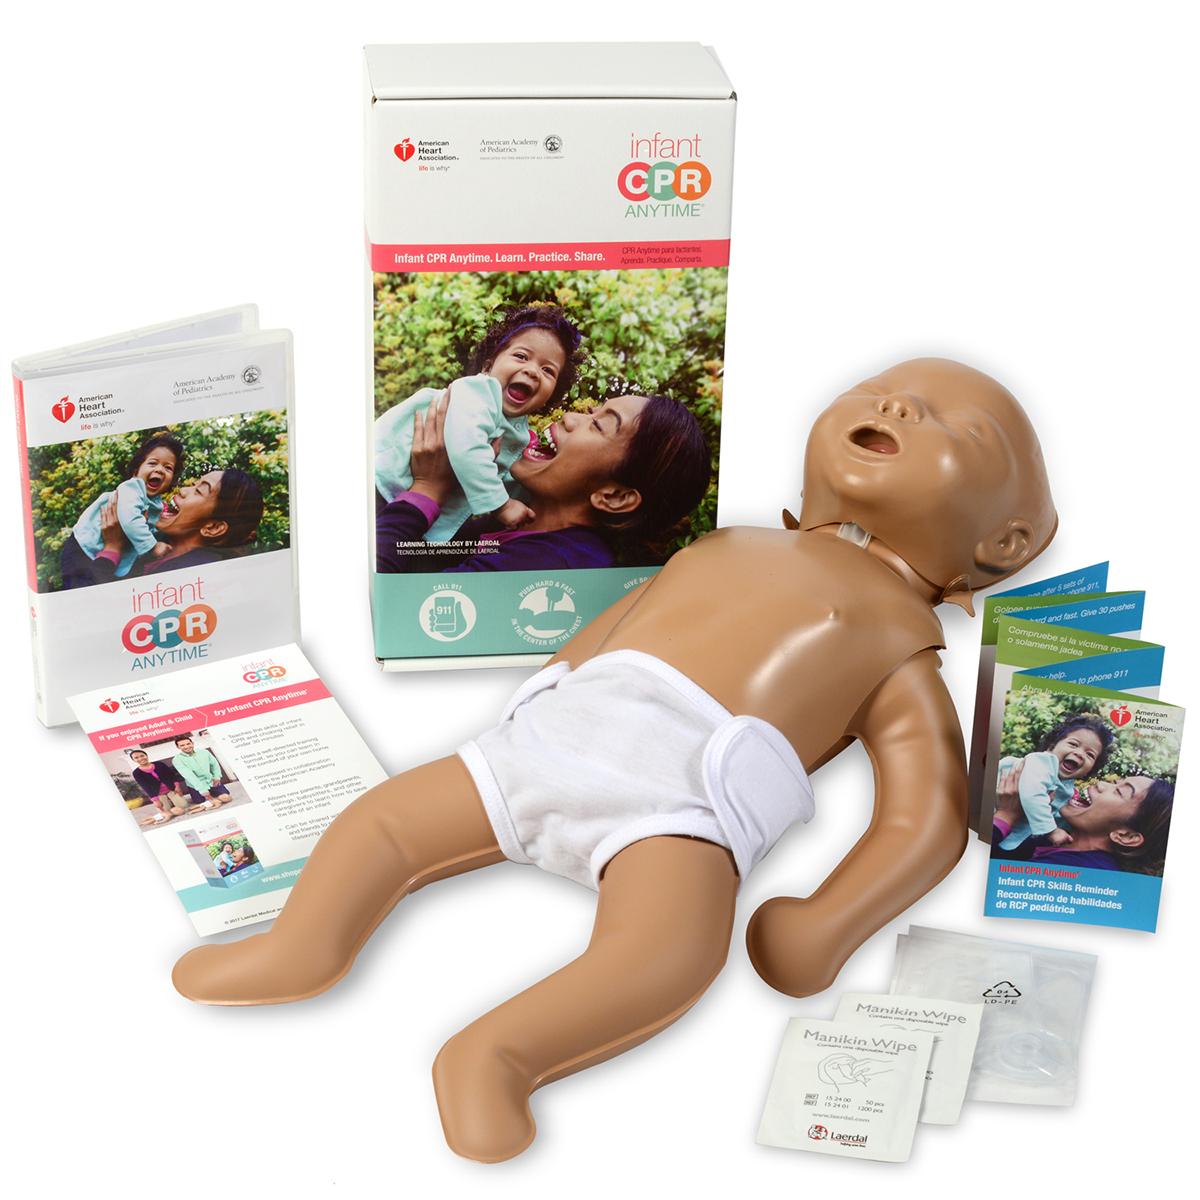 レールダル ミニベビー 乳児 CPR 学習キット Laerdal 心肺蘇生訓練用人形